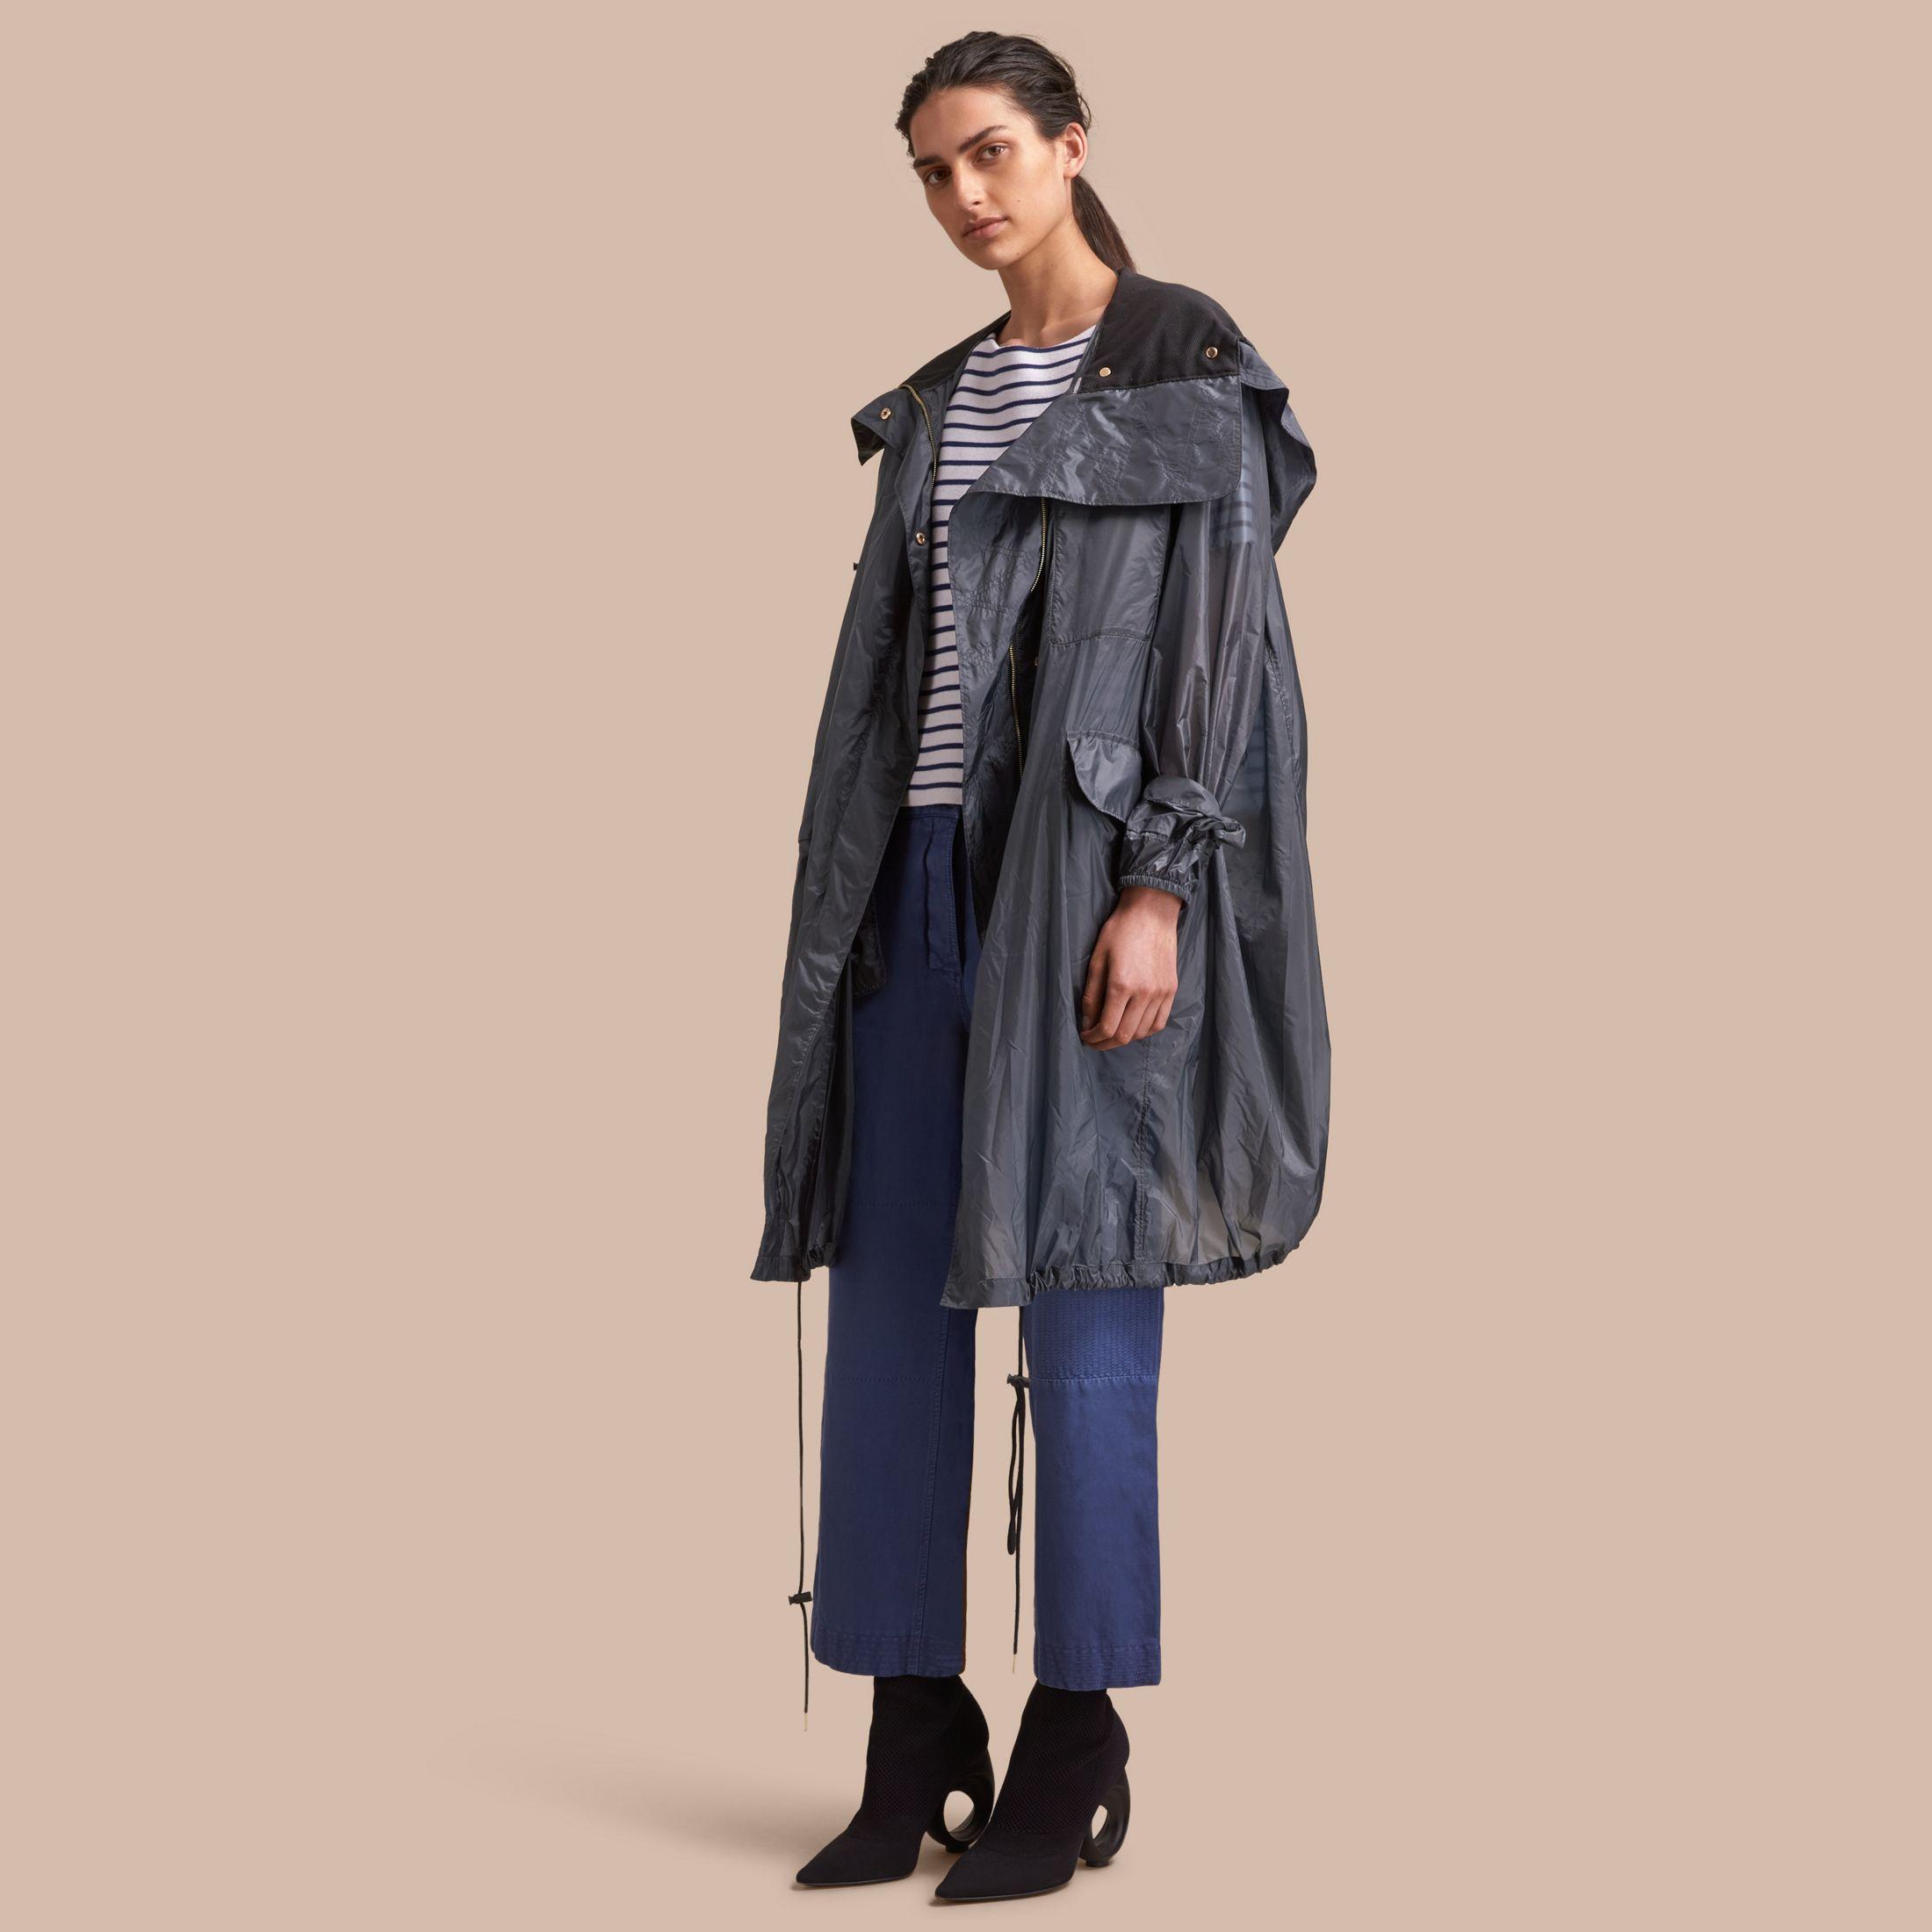 Tendenze moda autunno inverno 2017-2018, cosa indossare subito, foto e prezzi